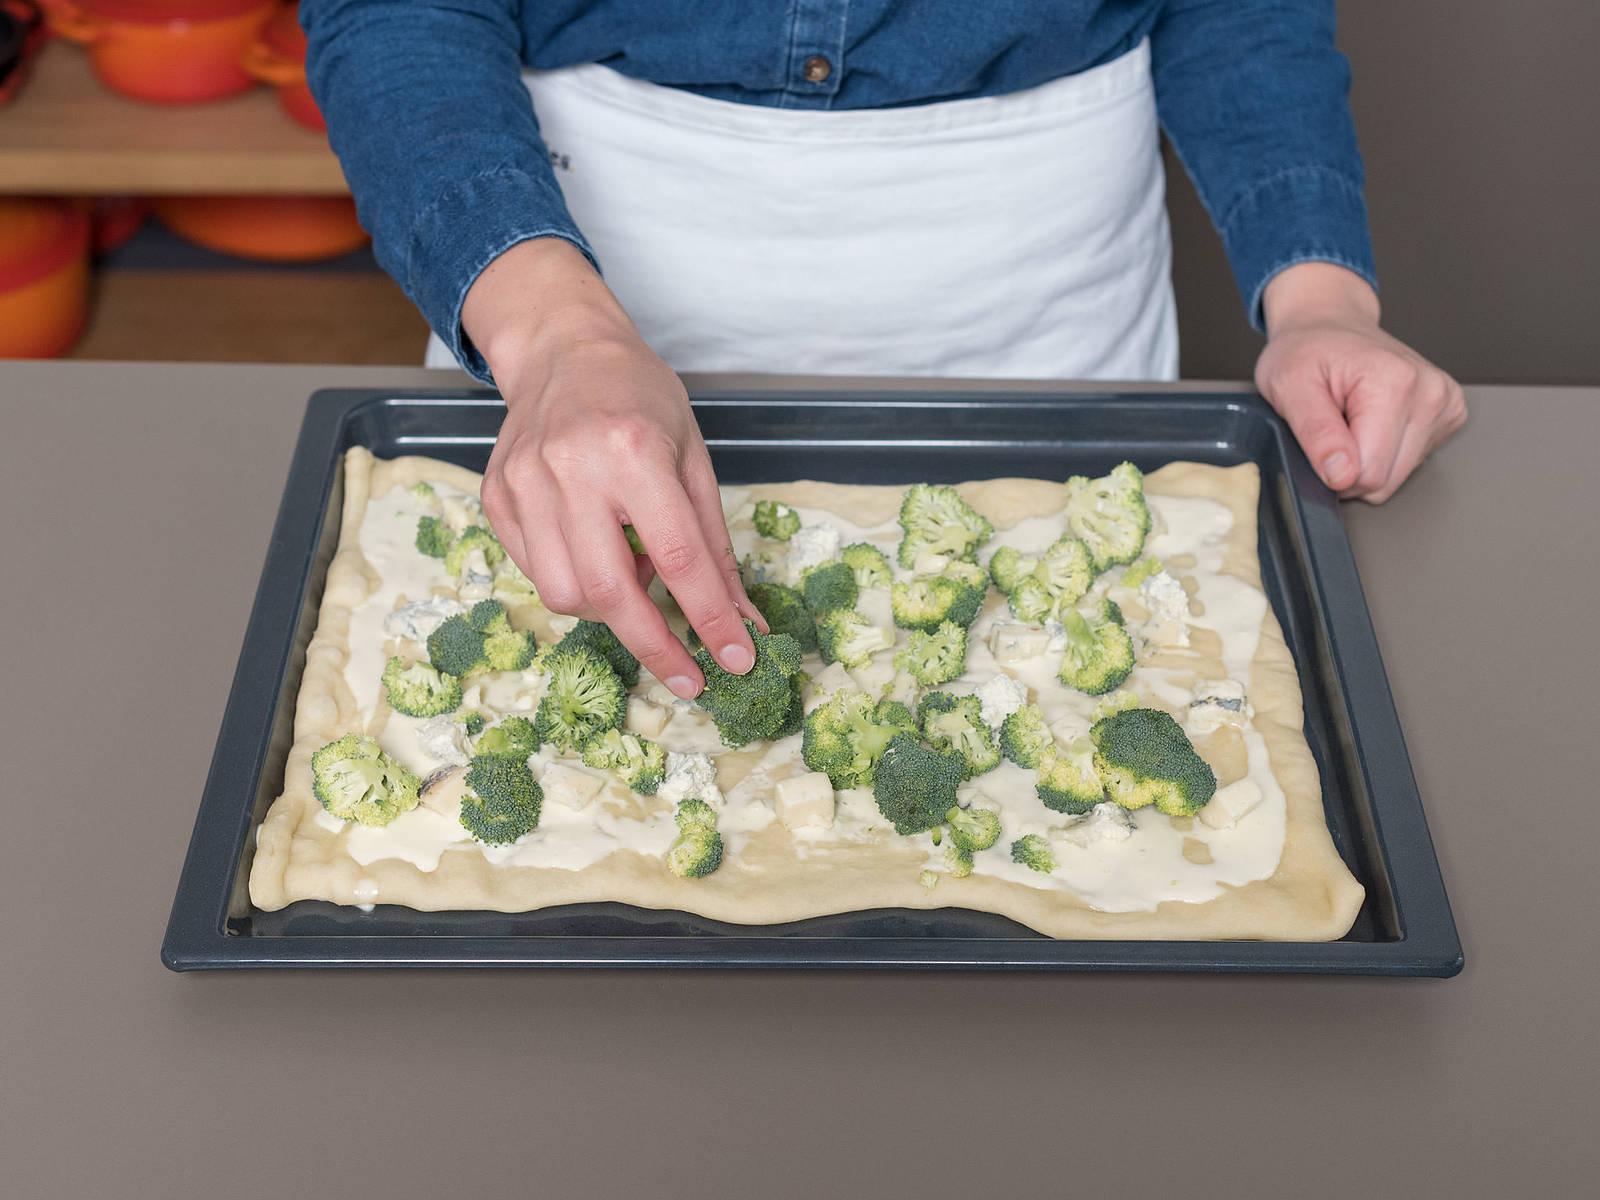 将披萨面团放到烤箱中的底架上,烤4分钟,然后从烤箱中取出,稍微放凉。将马斯卡帕尼奶酪铺到面饼上,均匀放上西兰花和戈尔根朱勒干酪,撒上杏仁碎。